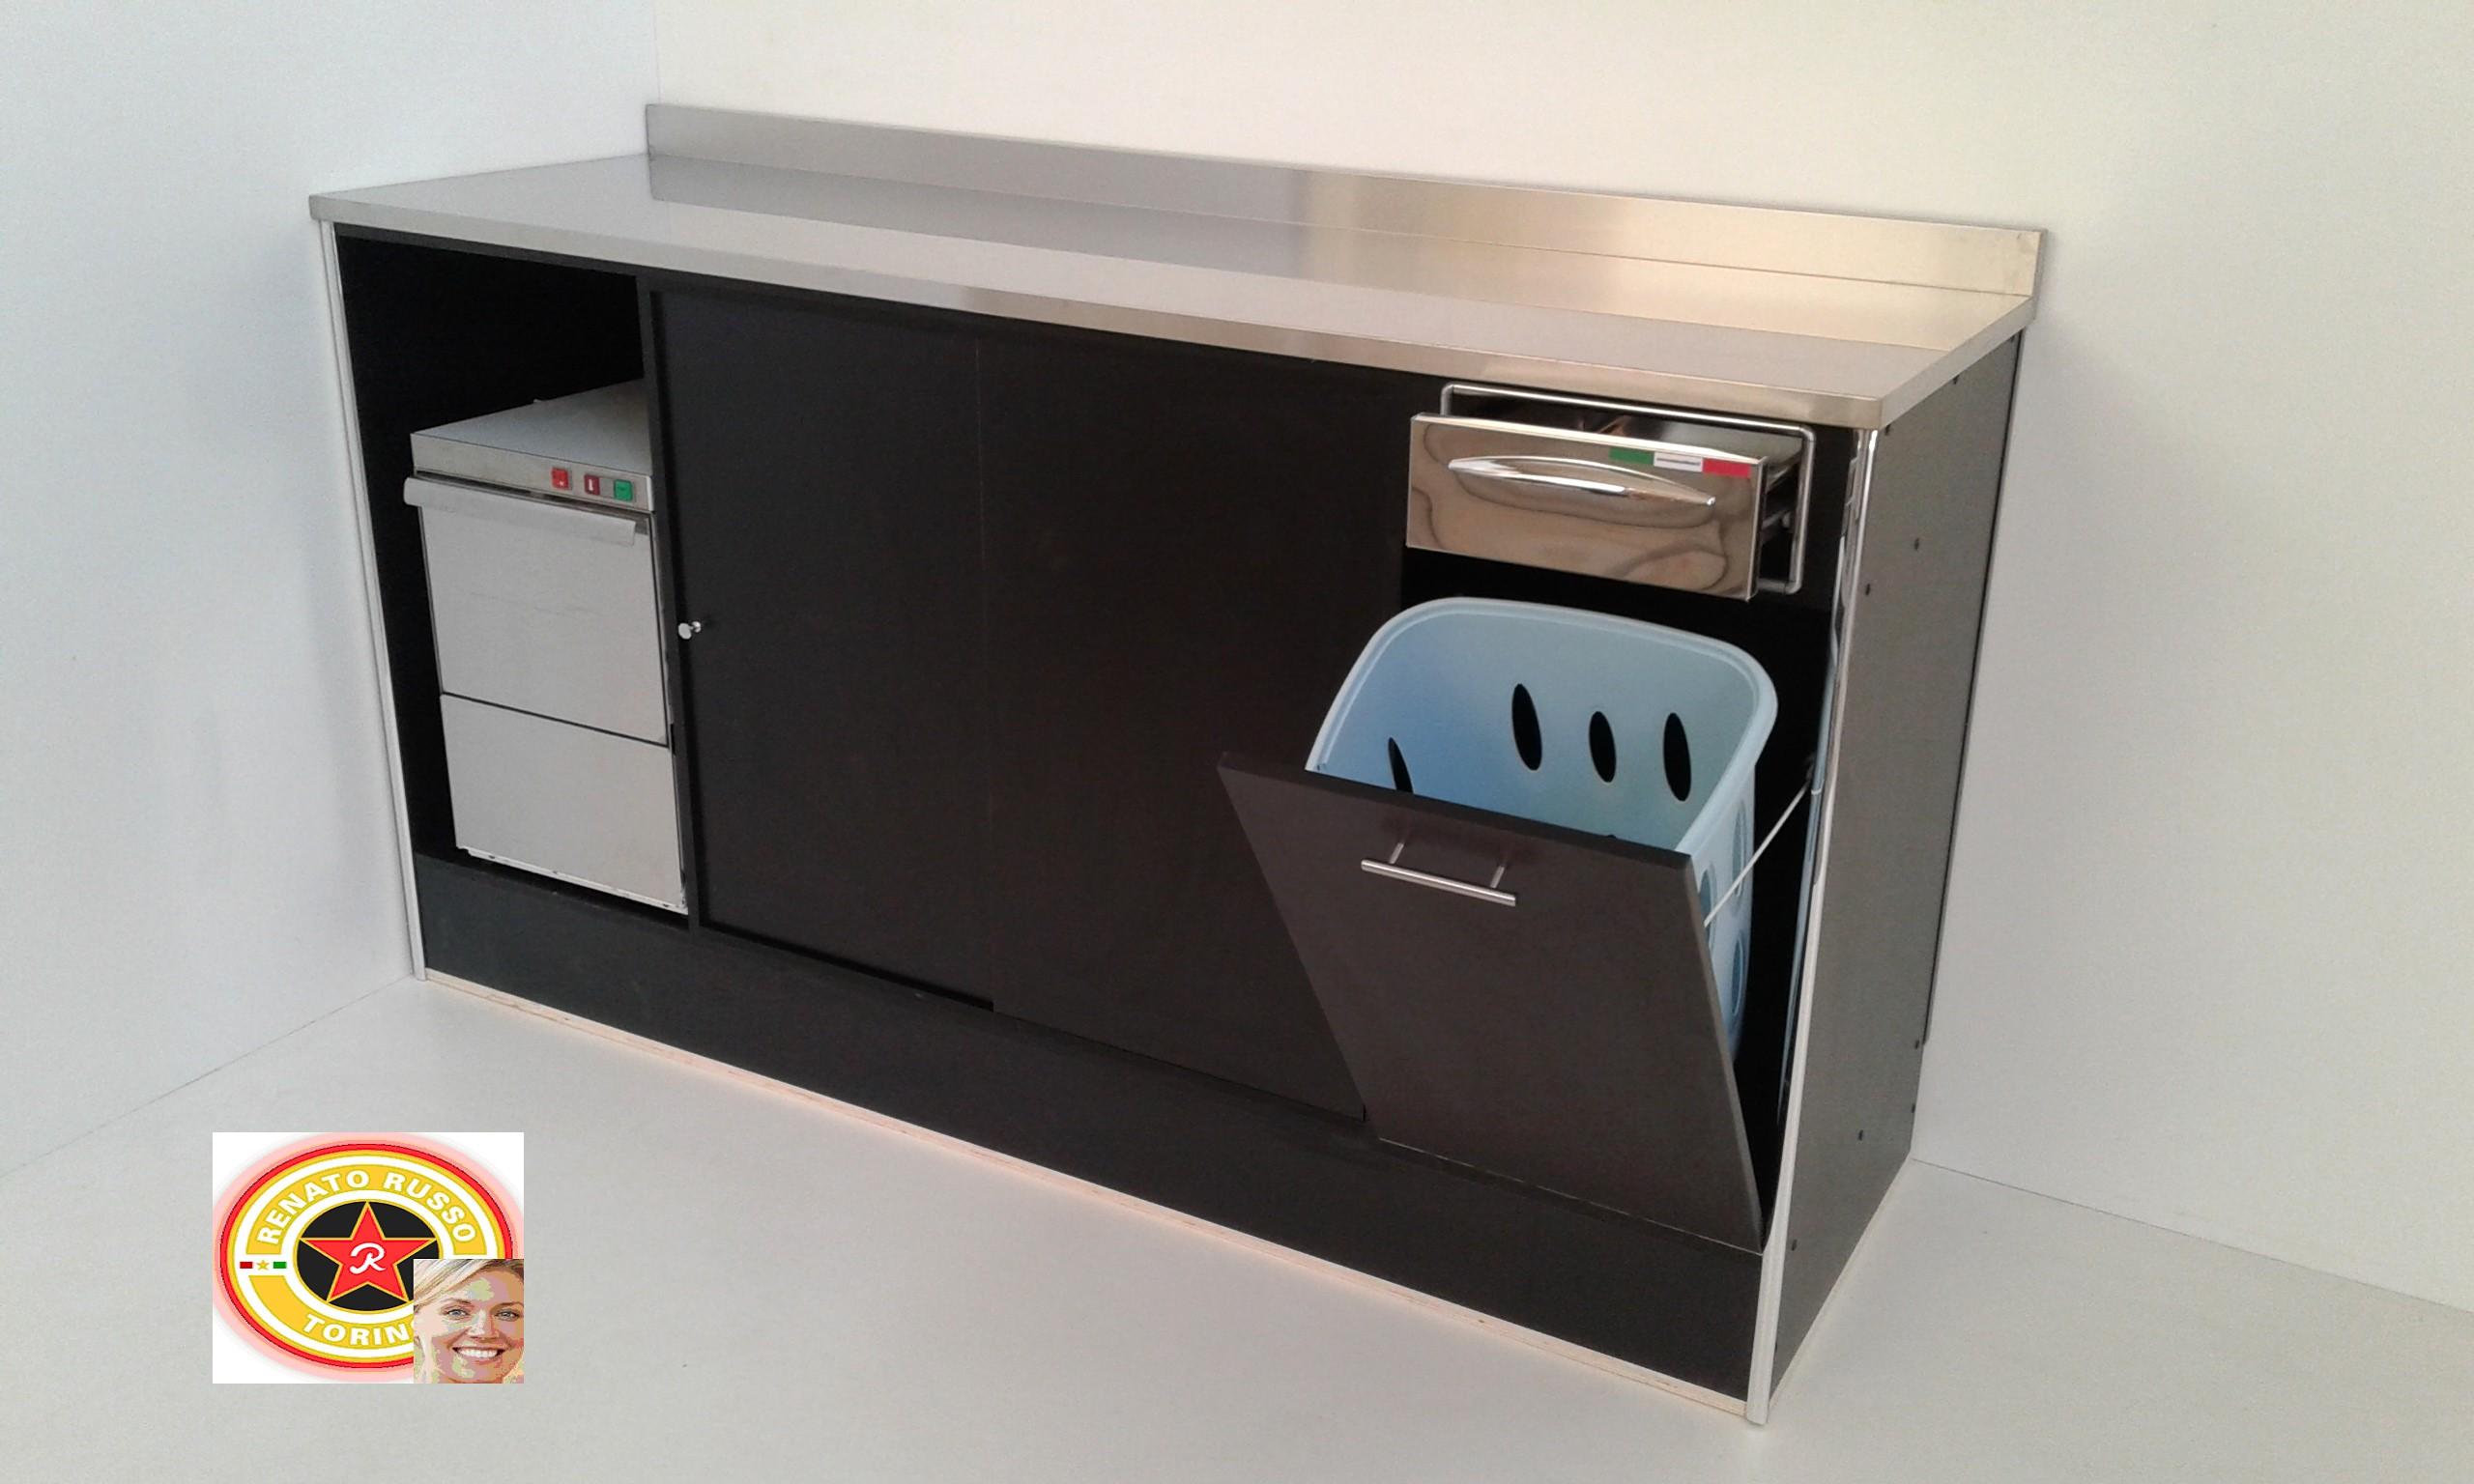 Banchi bar compra in fabbrica banconi bar banconi frigo for Subito mobili torino